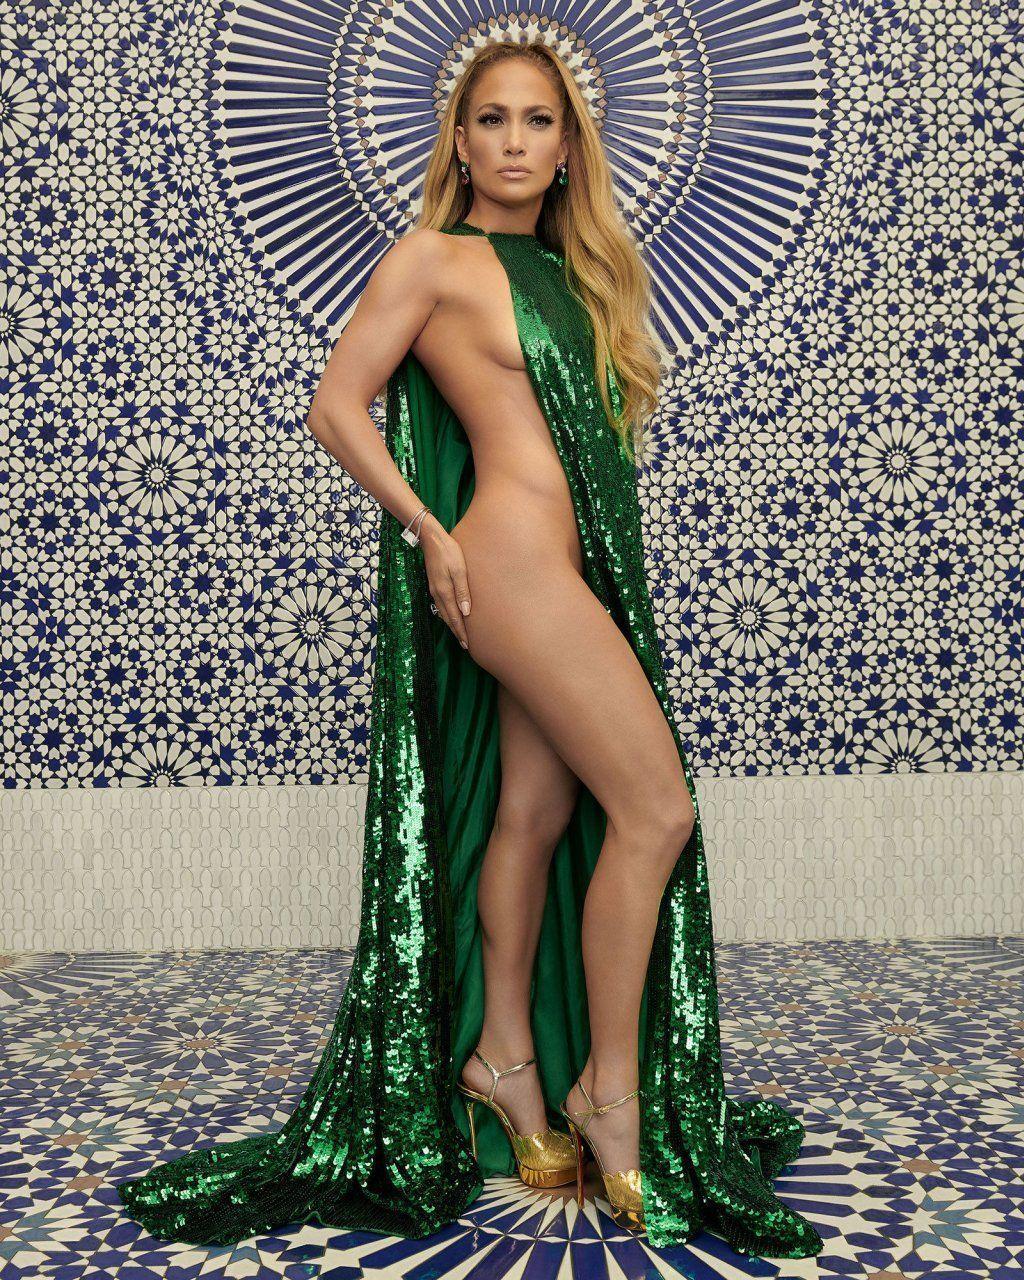 Jennifer lopez body having sex